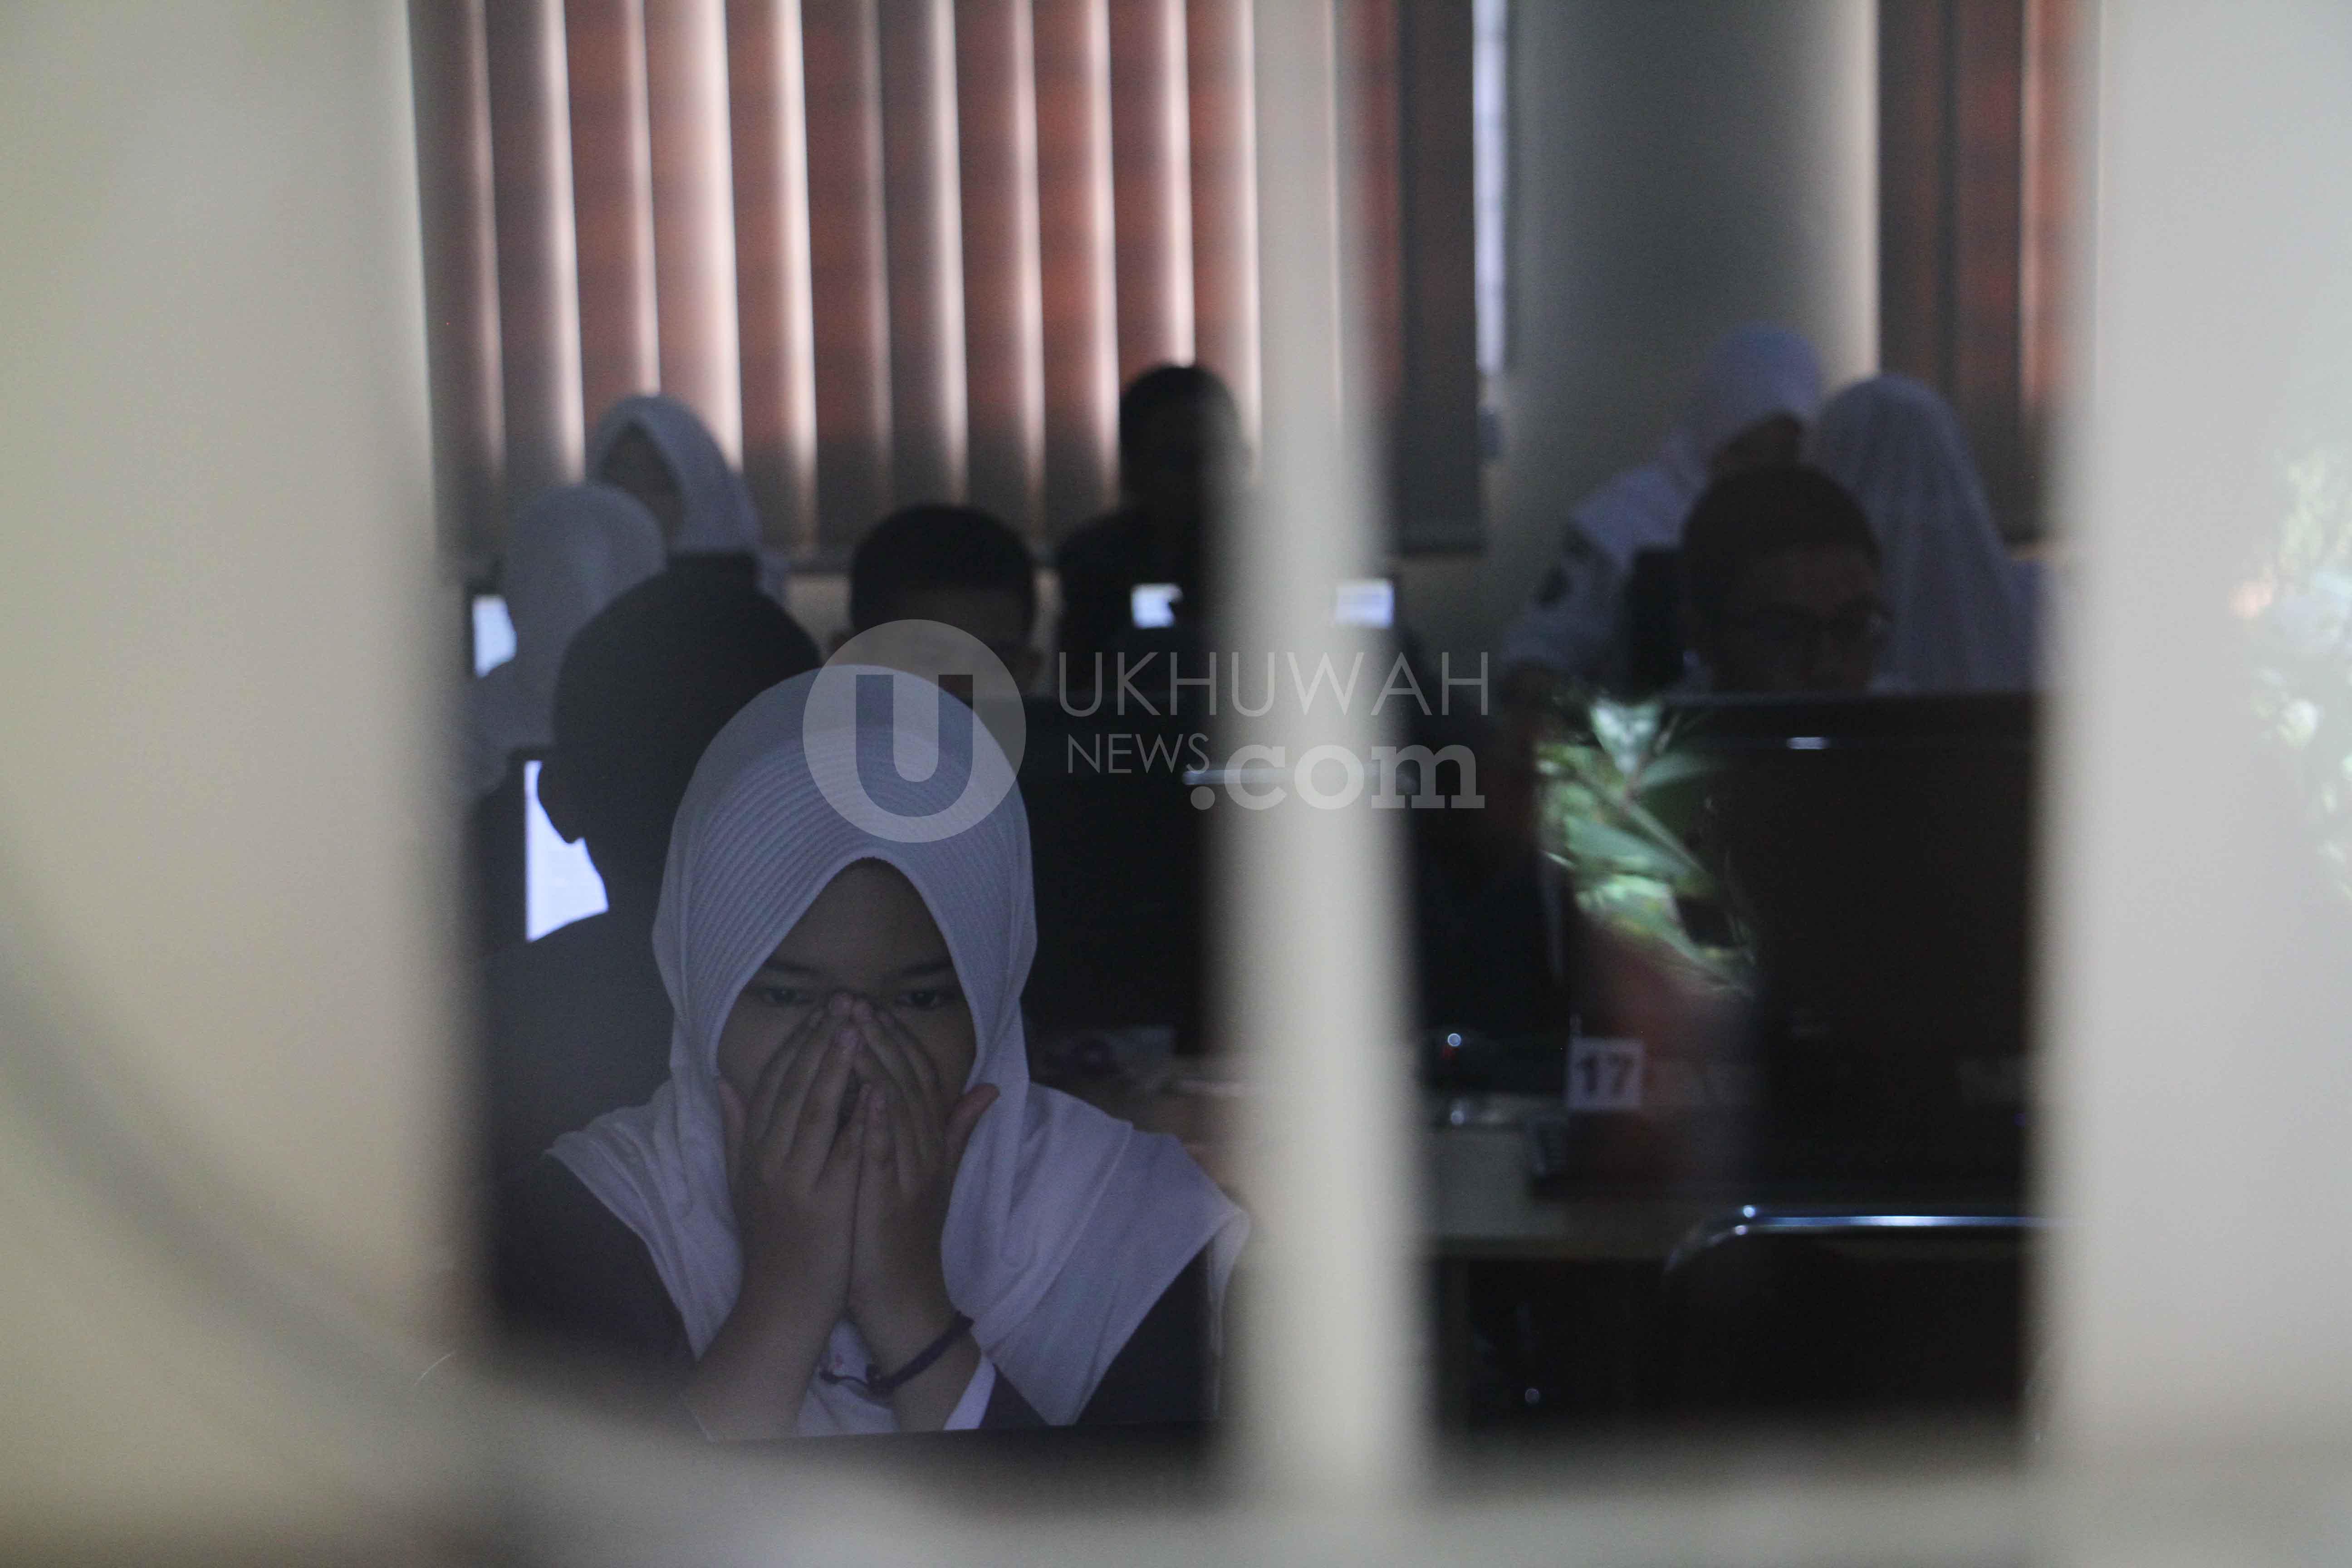 UNBK - Sejumlah siswa-siswi mengerjakan soal Ujian Nasional Berbasis Komputer (UNBK) di salah satu lokal kelas SMPN 9 Palembang, Rabu (25/4/2018. ). Di Palembang sendiri pelaksanaan UN terbagi dua yakni Ujian Nasional Berbasis Komputer sebanyak 41 persen dan sisanya masih menerapkan Ujian Nasional Kertas Pensil (UNKP). Ukhuwahfoto/Nopri Ismi